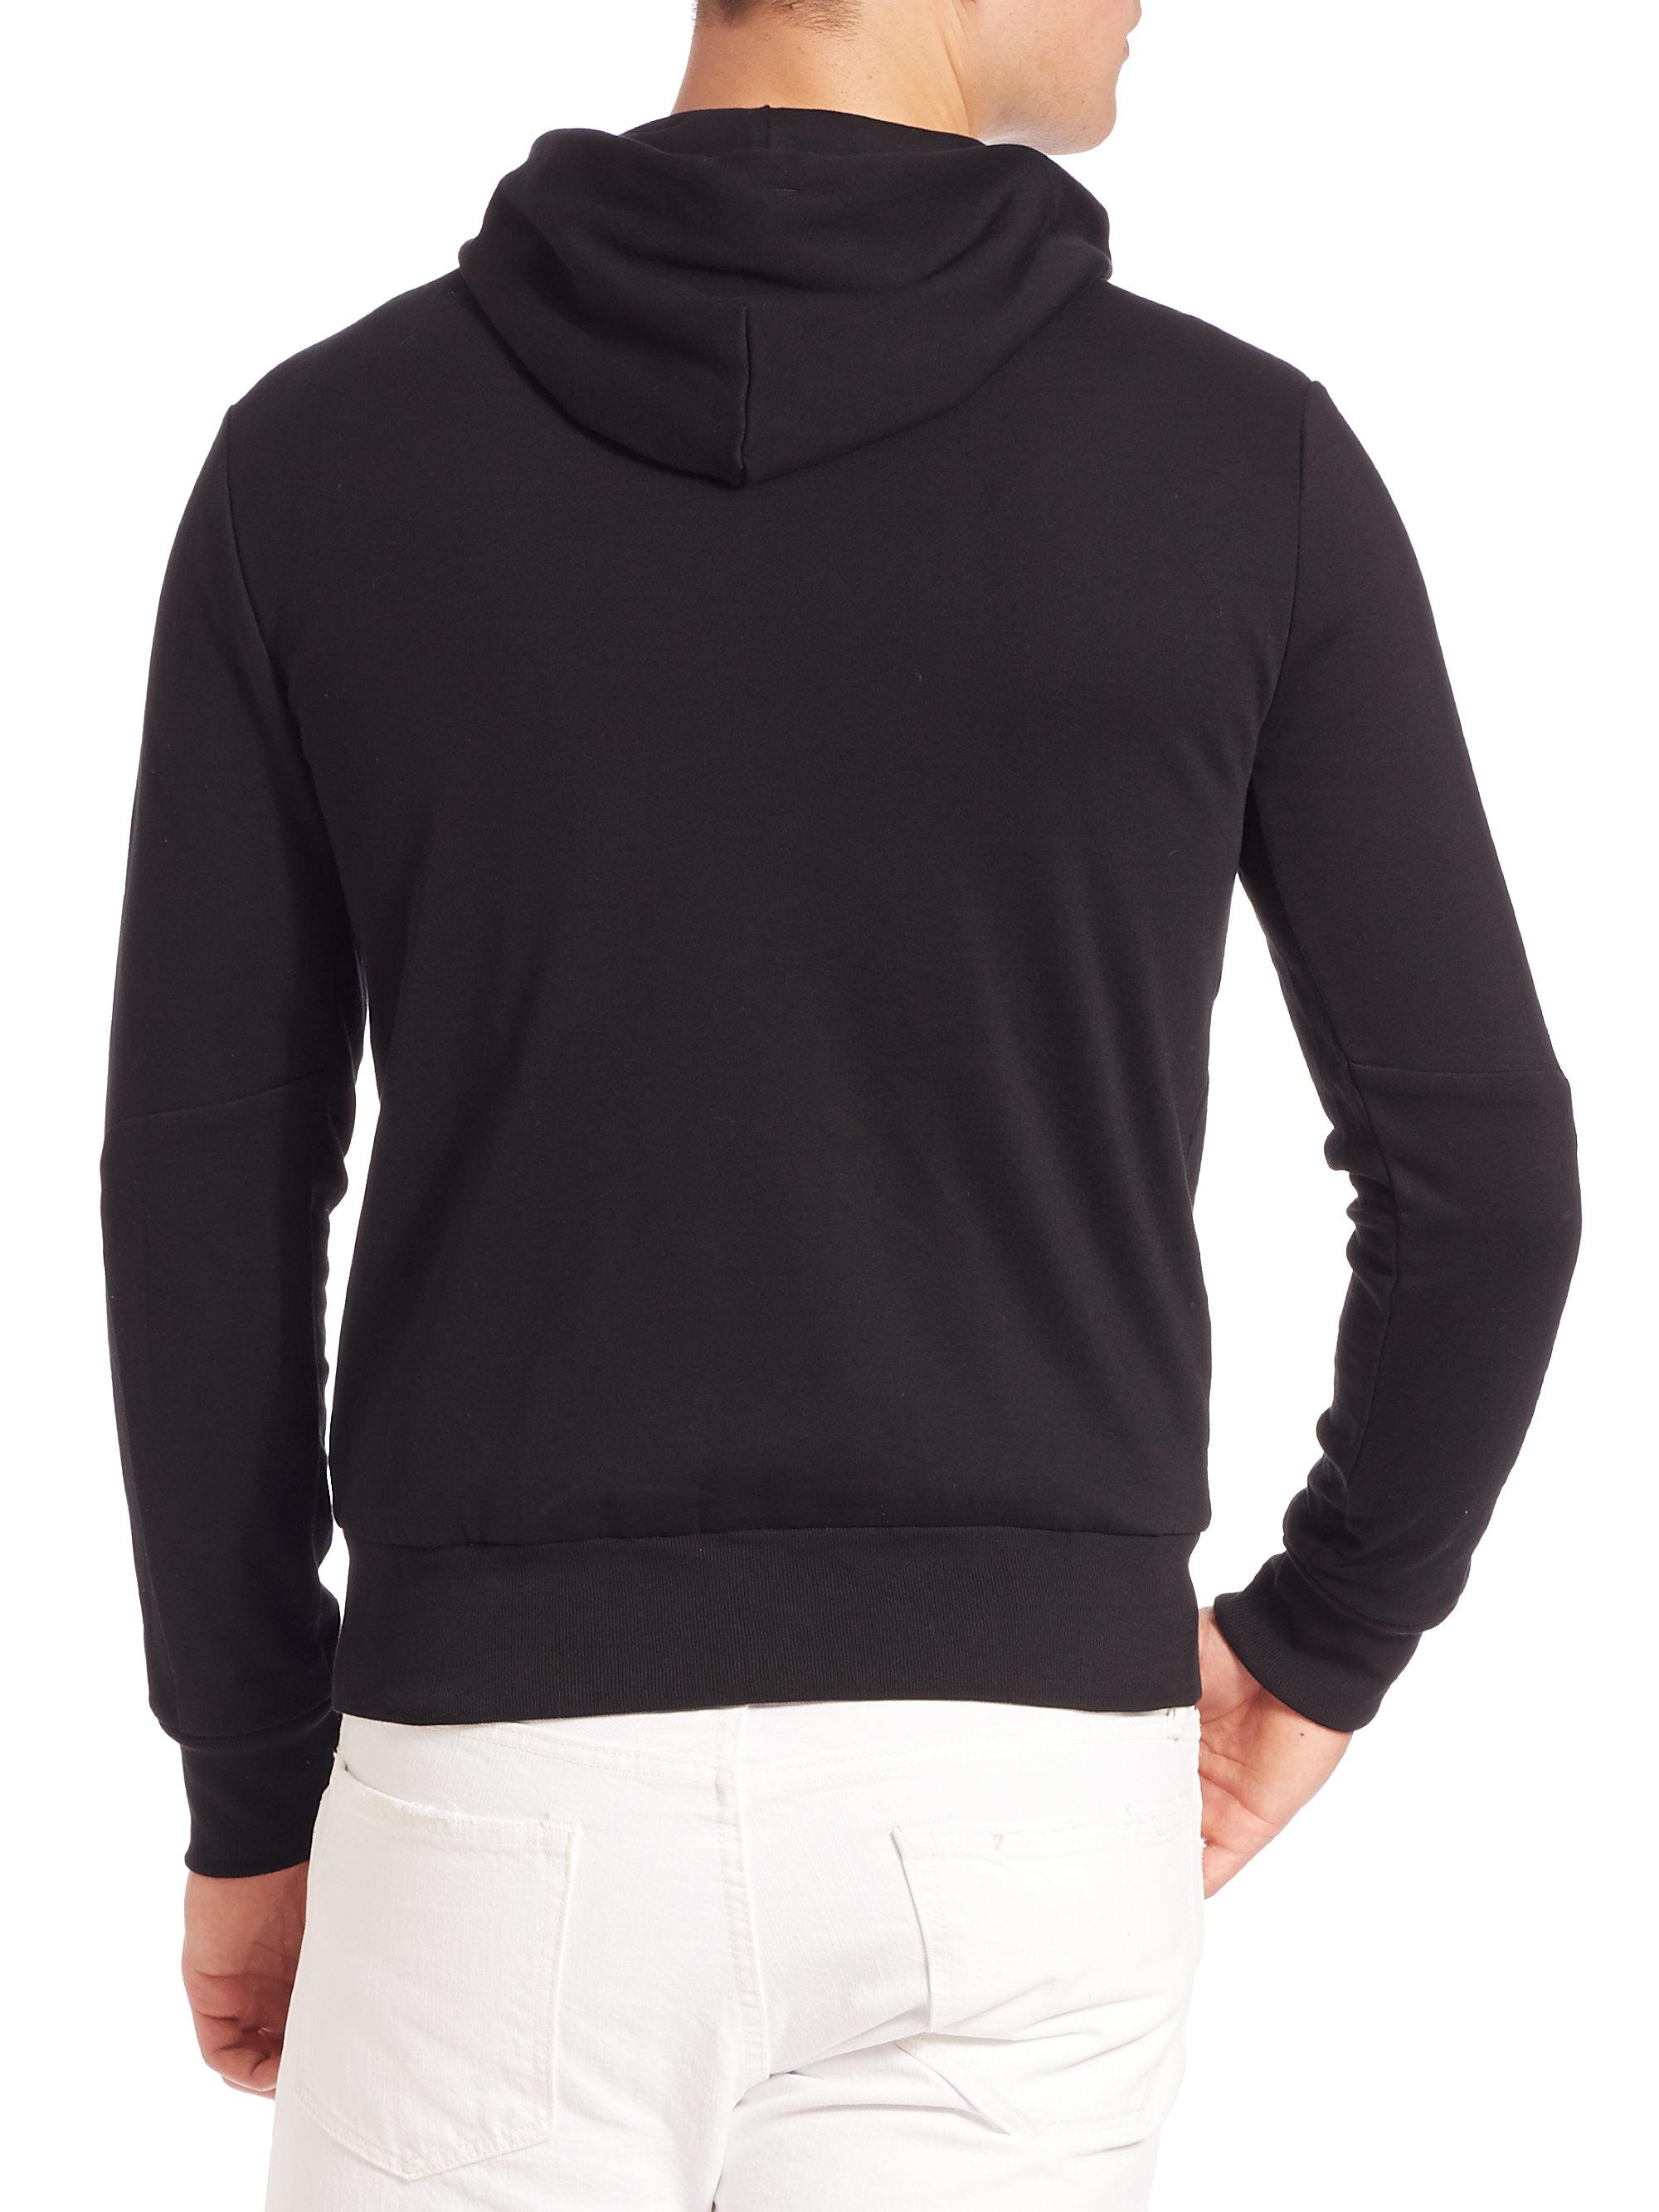 polo ralph lauren full zip fleece hoodie in black for men. Black Bedroom Furniture Sets. Home Design Ideas